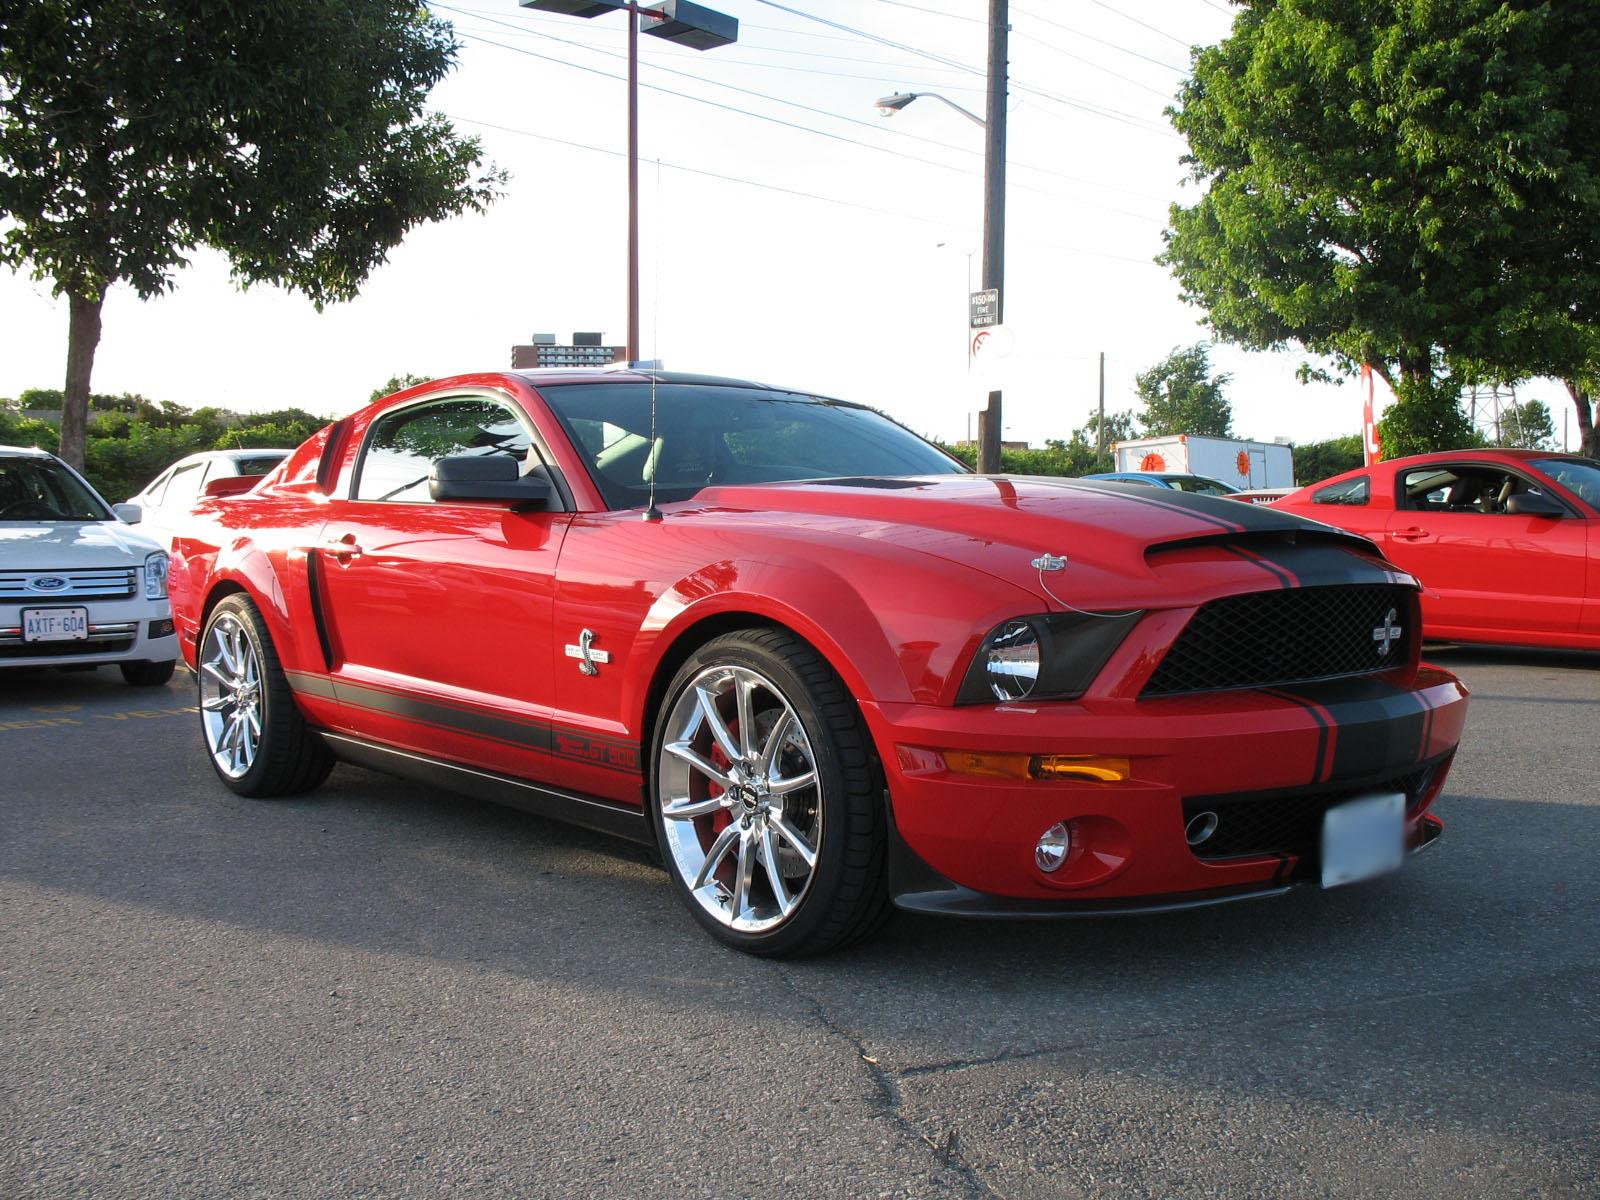 http://2.bp.blogspot.com/_WlkpDdmP8V0/TCI_y7V23pI/AAAAAAAAABg/YM4Gr2Tknyo/s1600/Mustang-IMG_2284.JPG